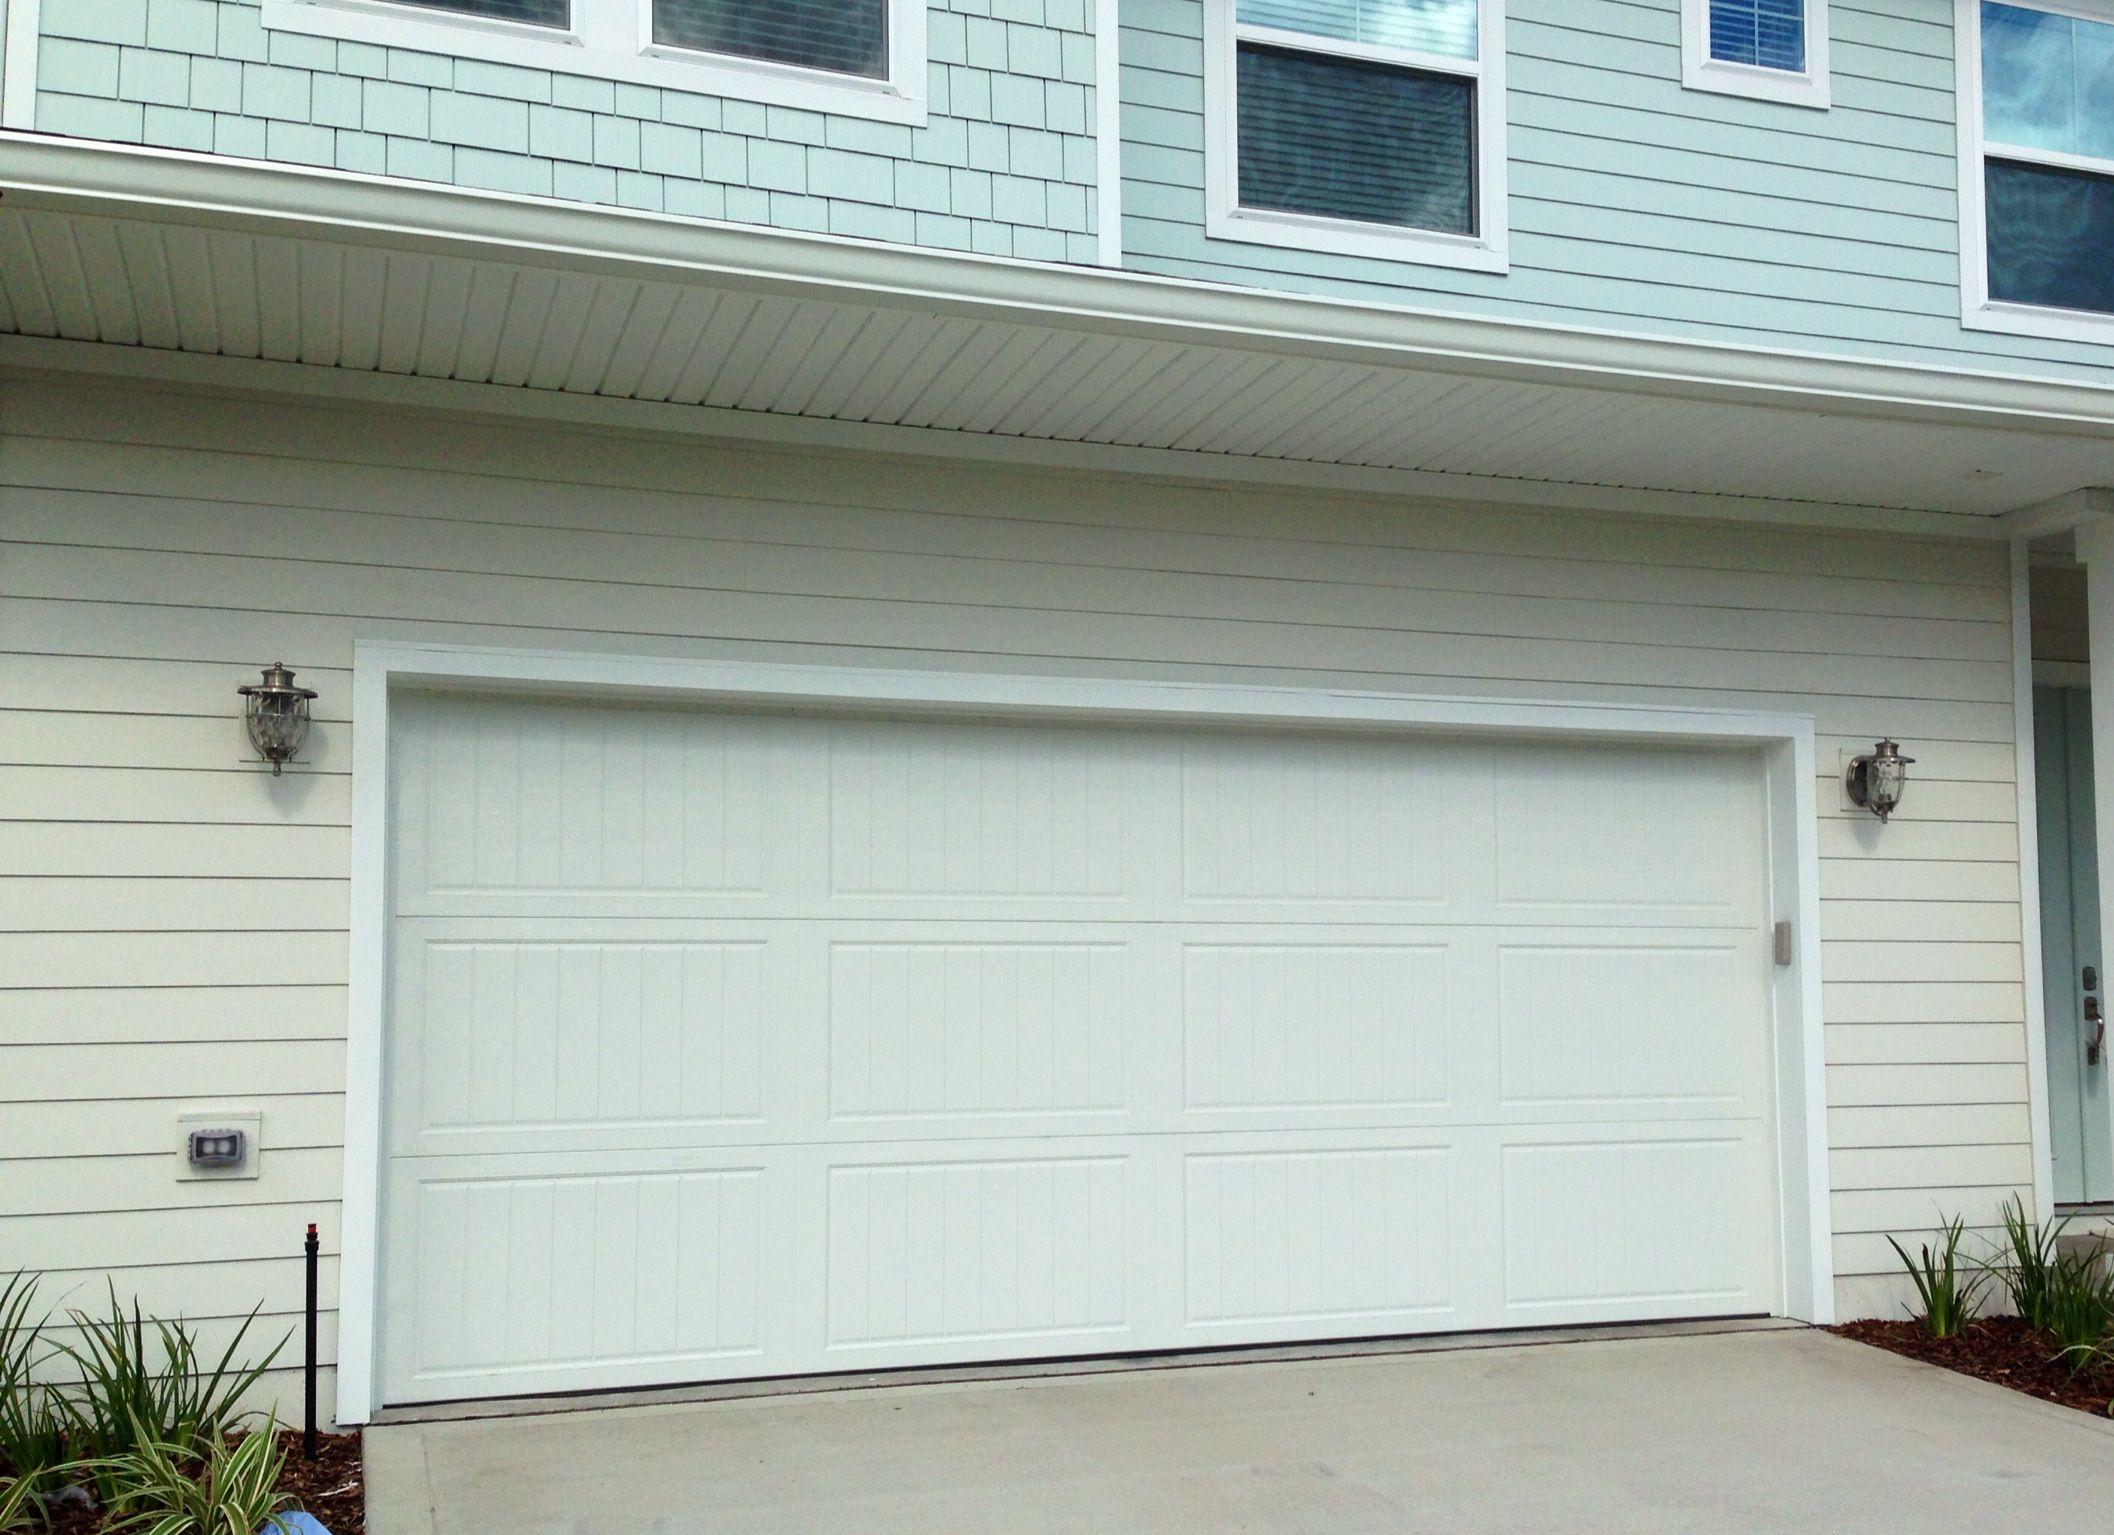 Amarr Garage Doors Classica new amarr classica garage door installed on a beautiful new home